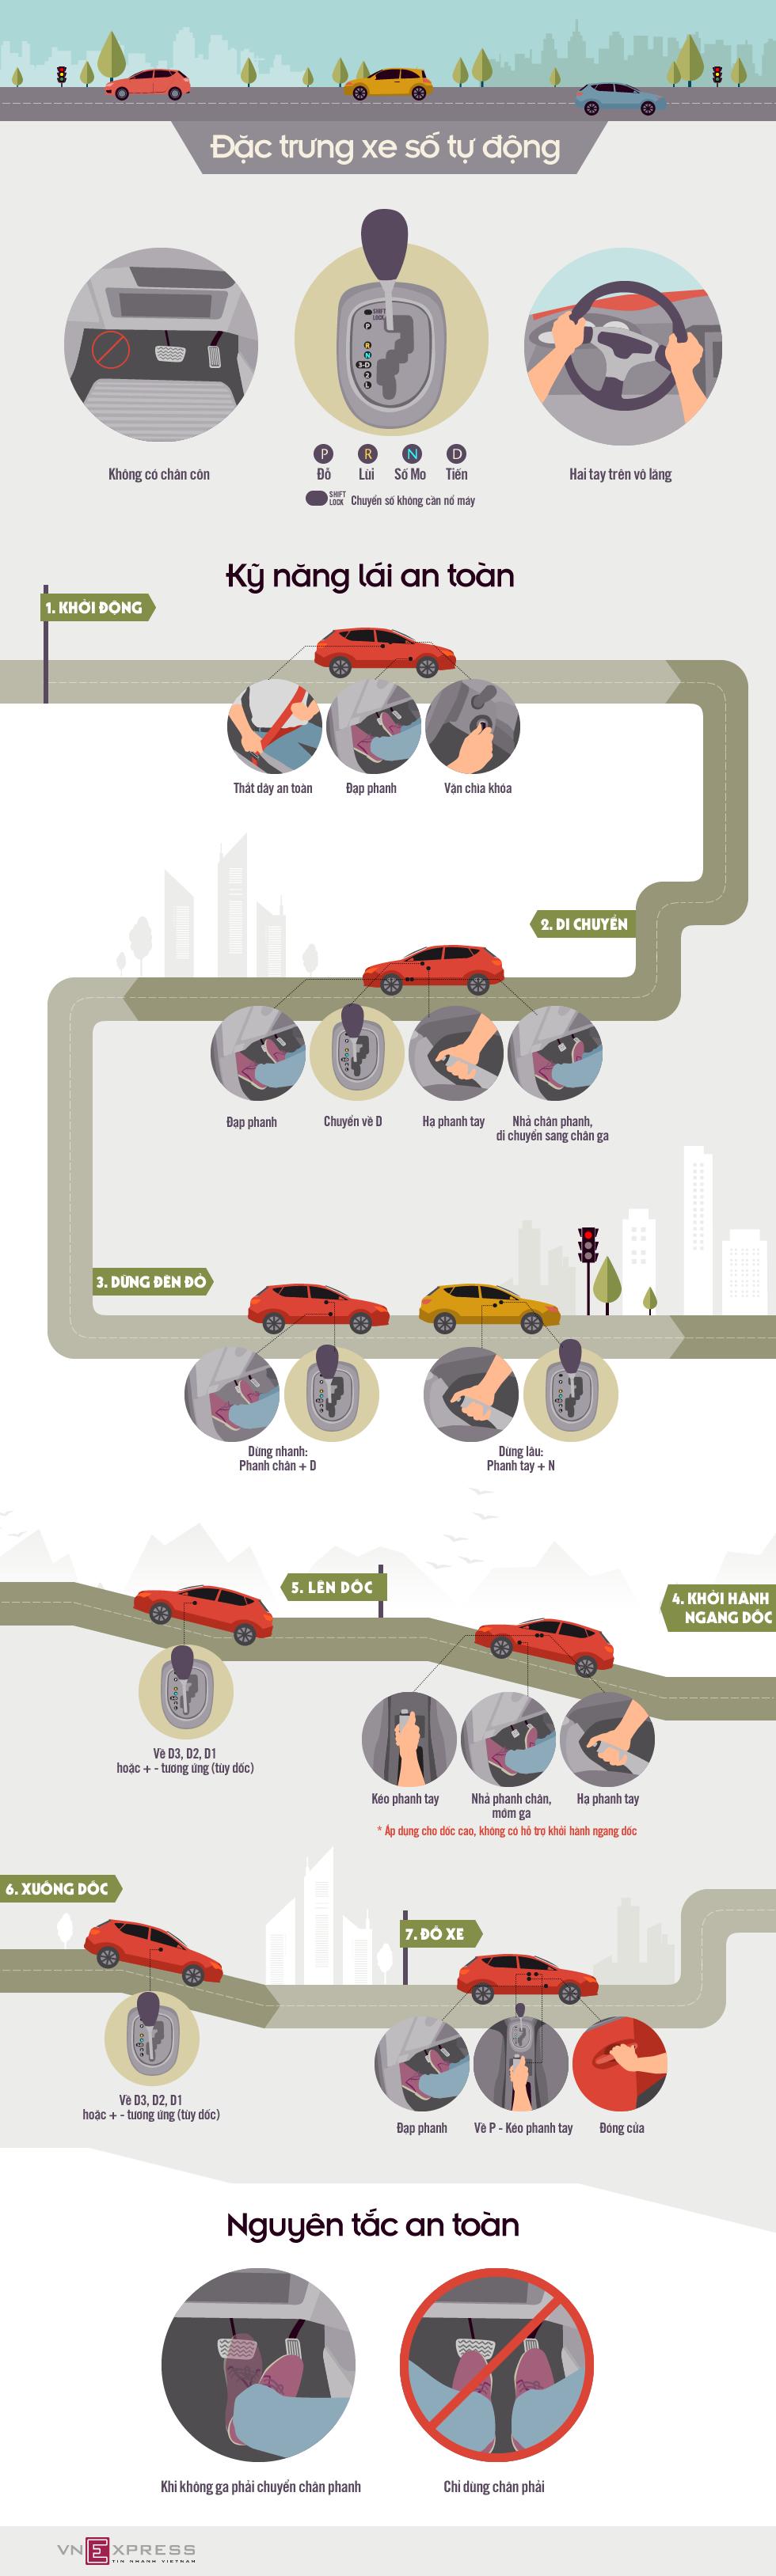 Infographic-Kỹ năng lái xe số tự động